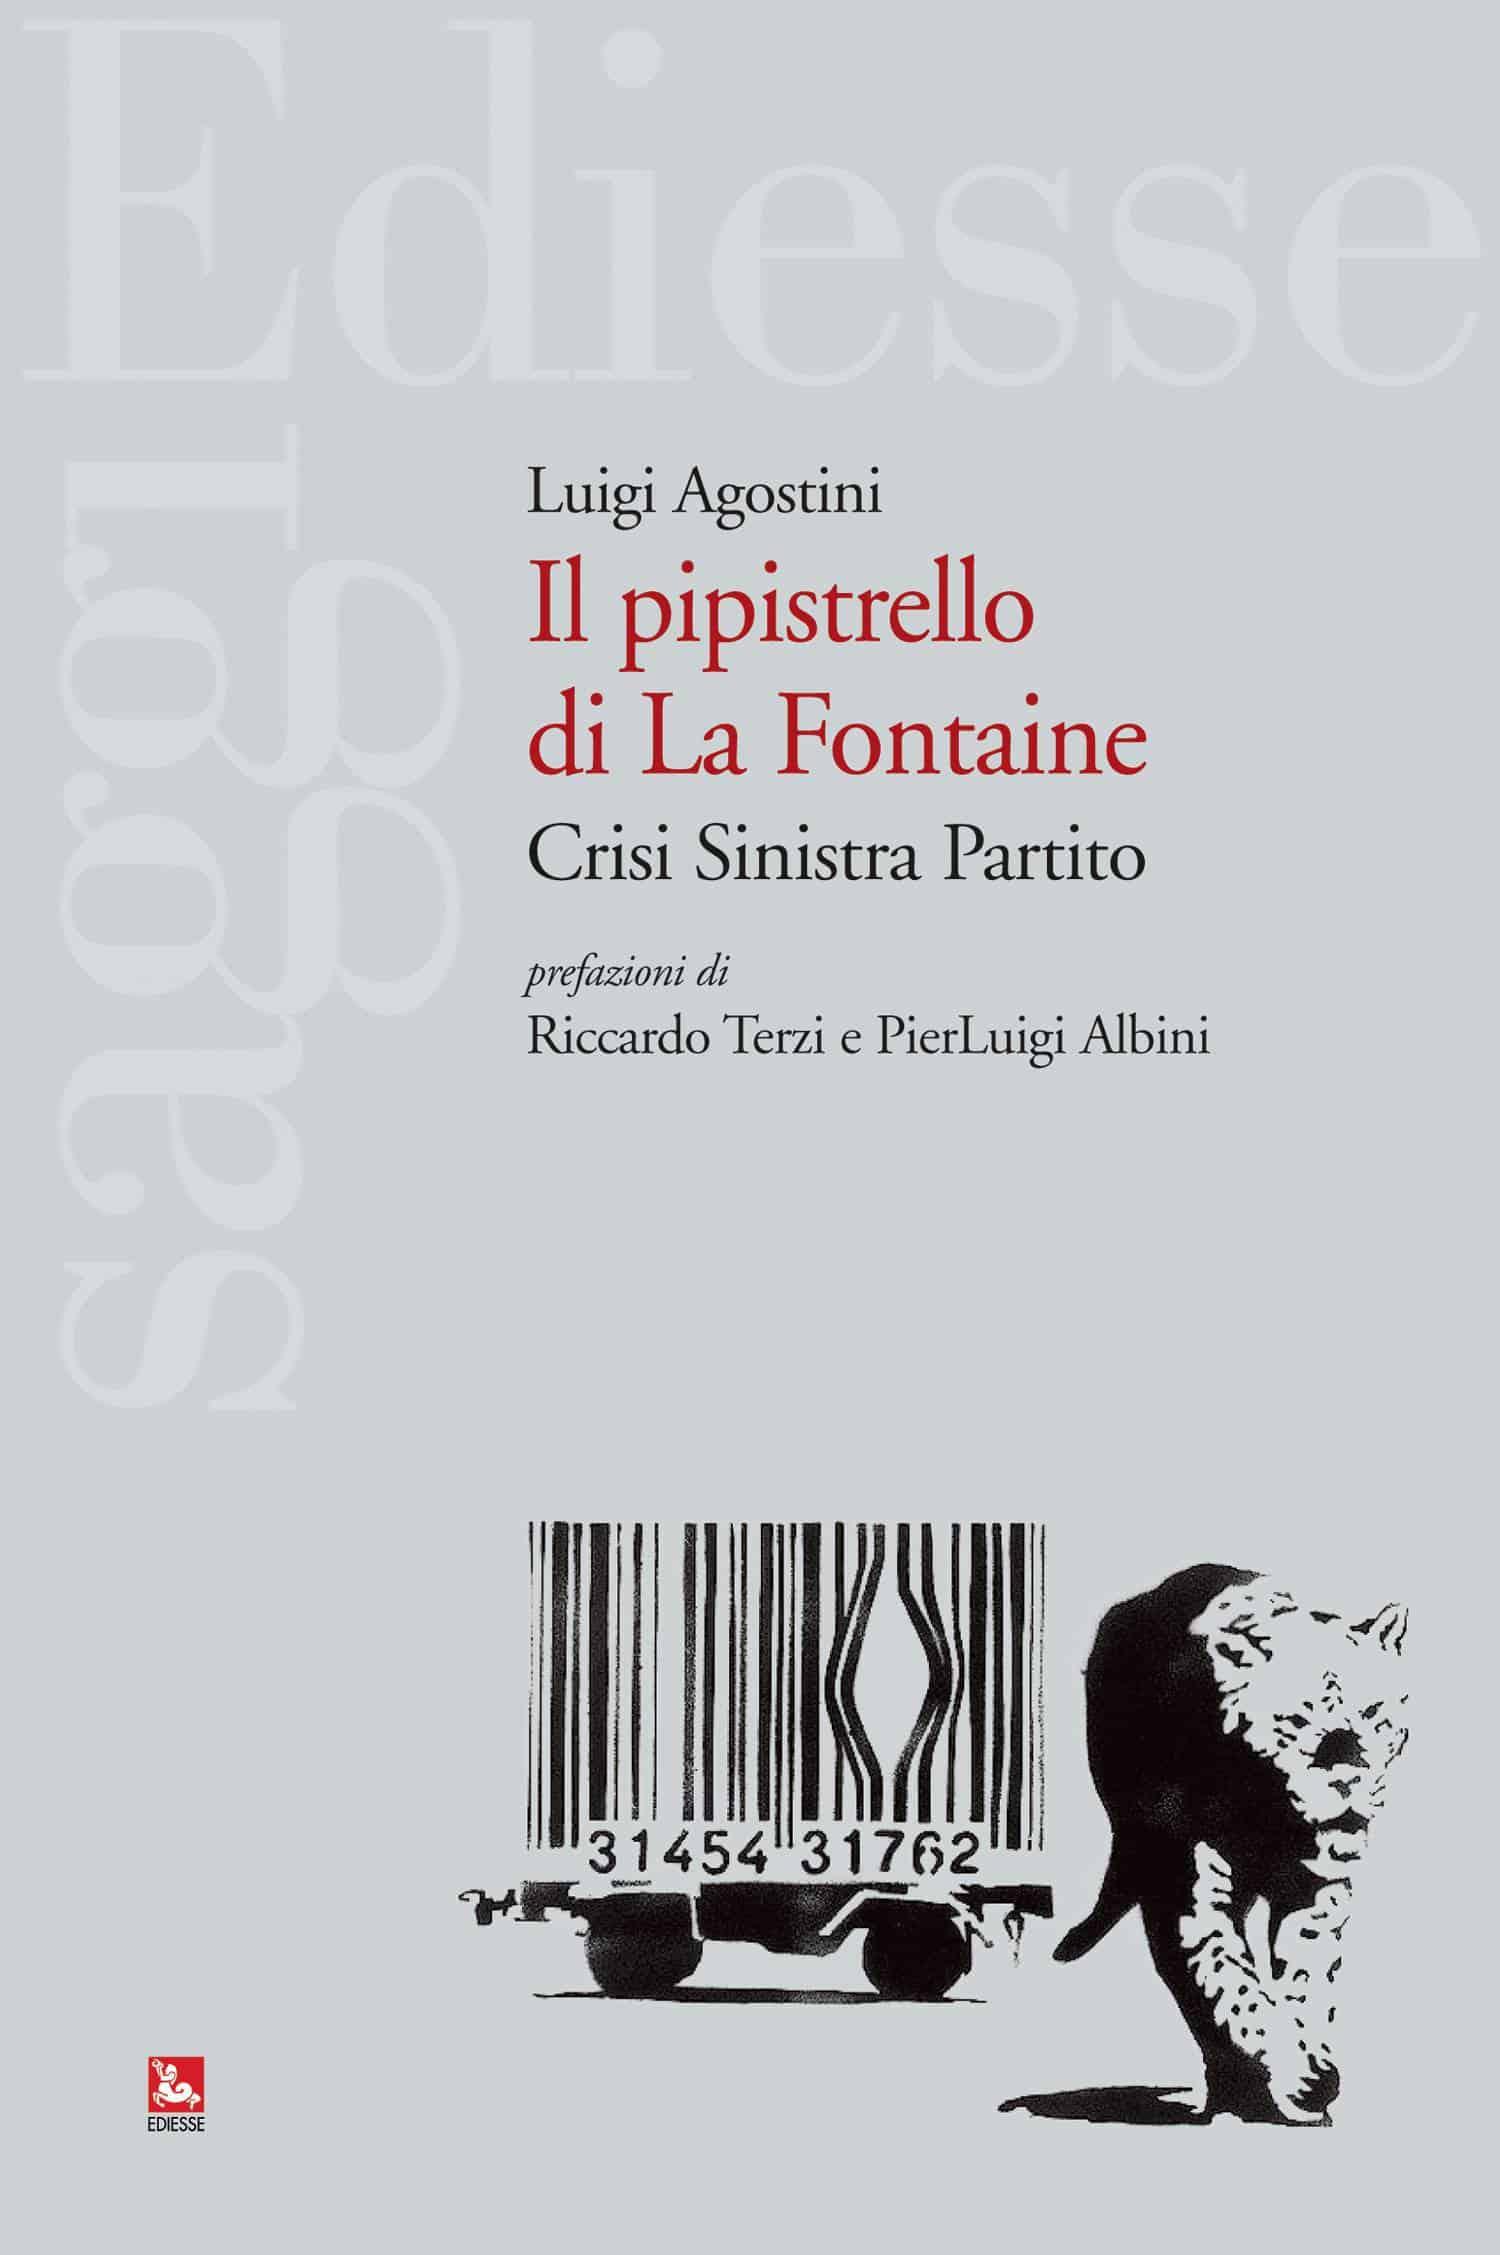 1824-2 Pipistrello_Crisi-sinistra-partito_cop_14-21